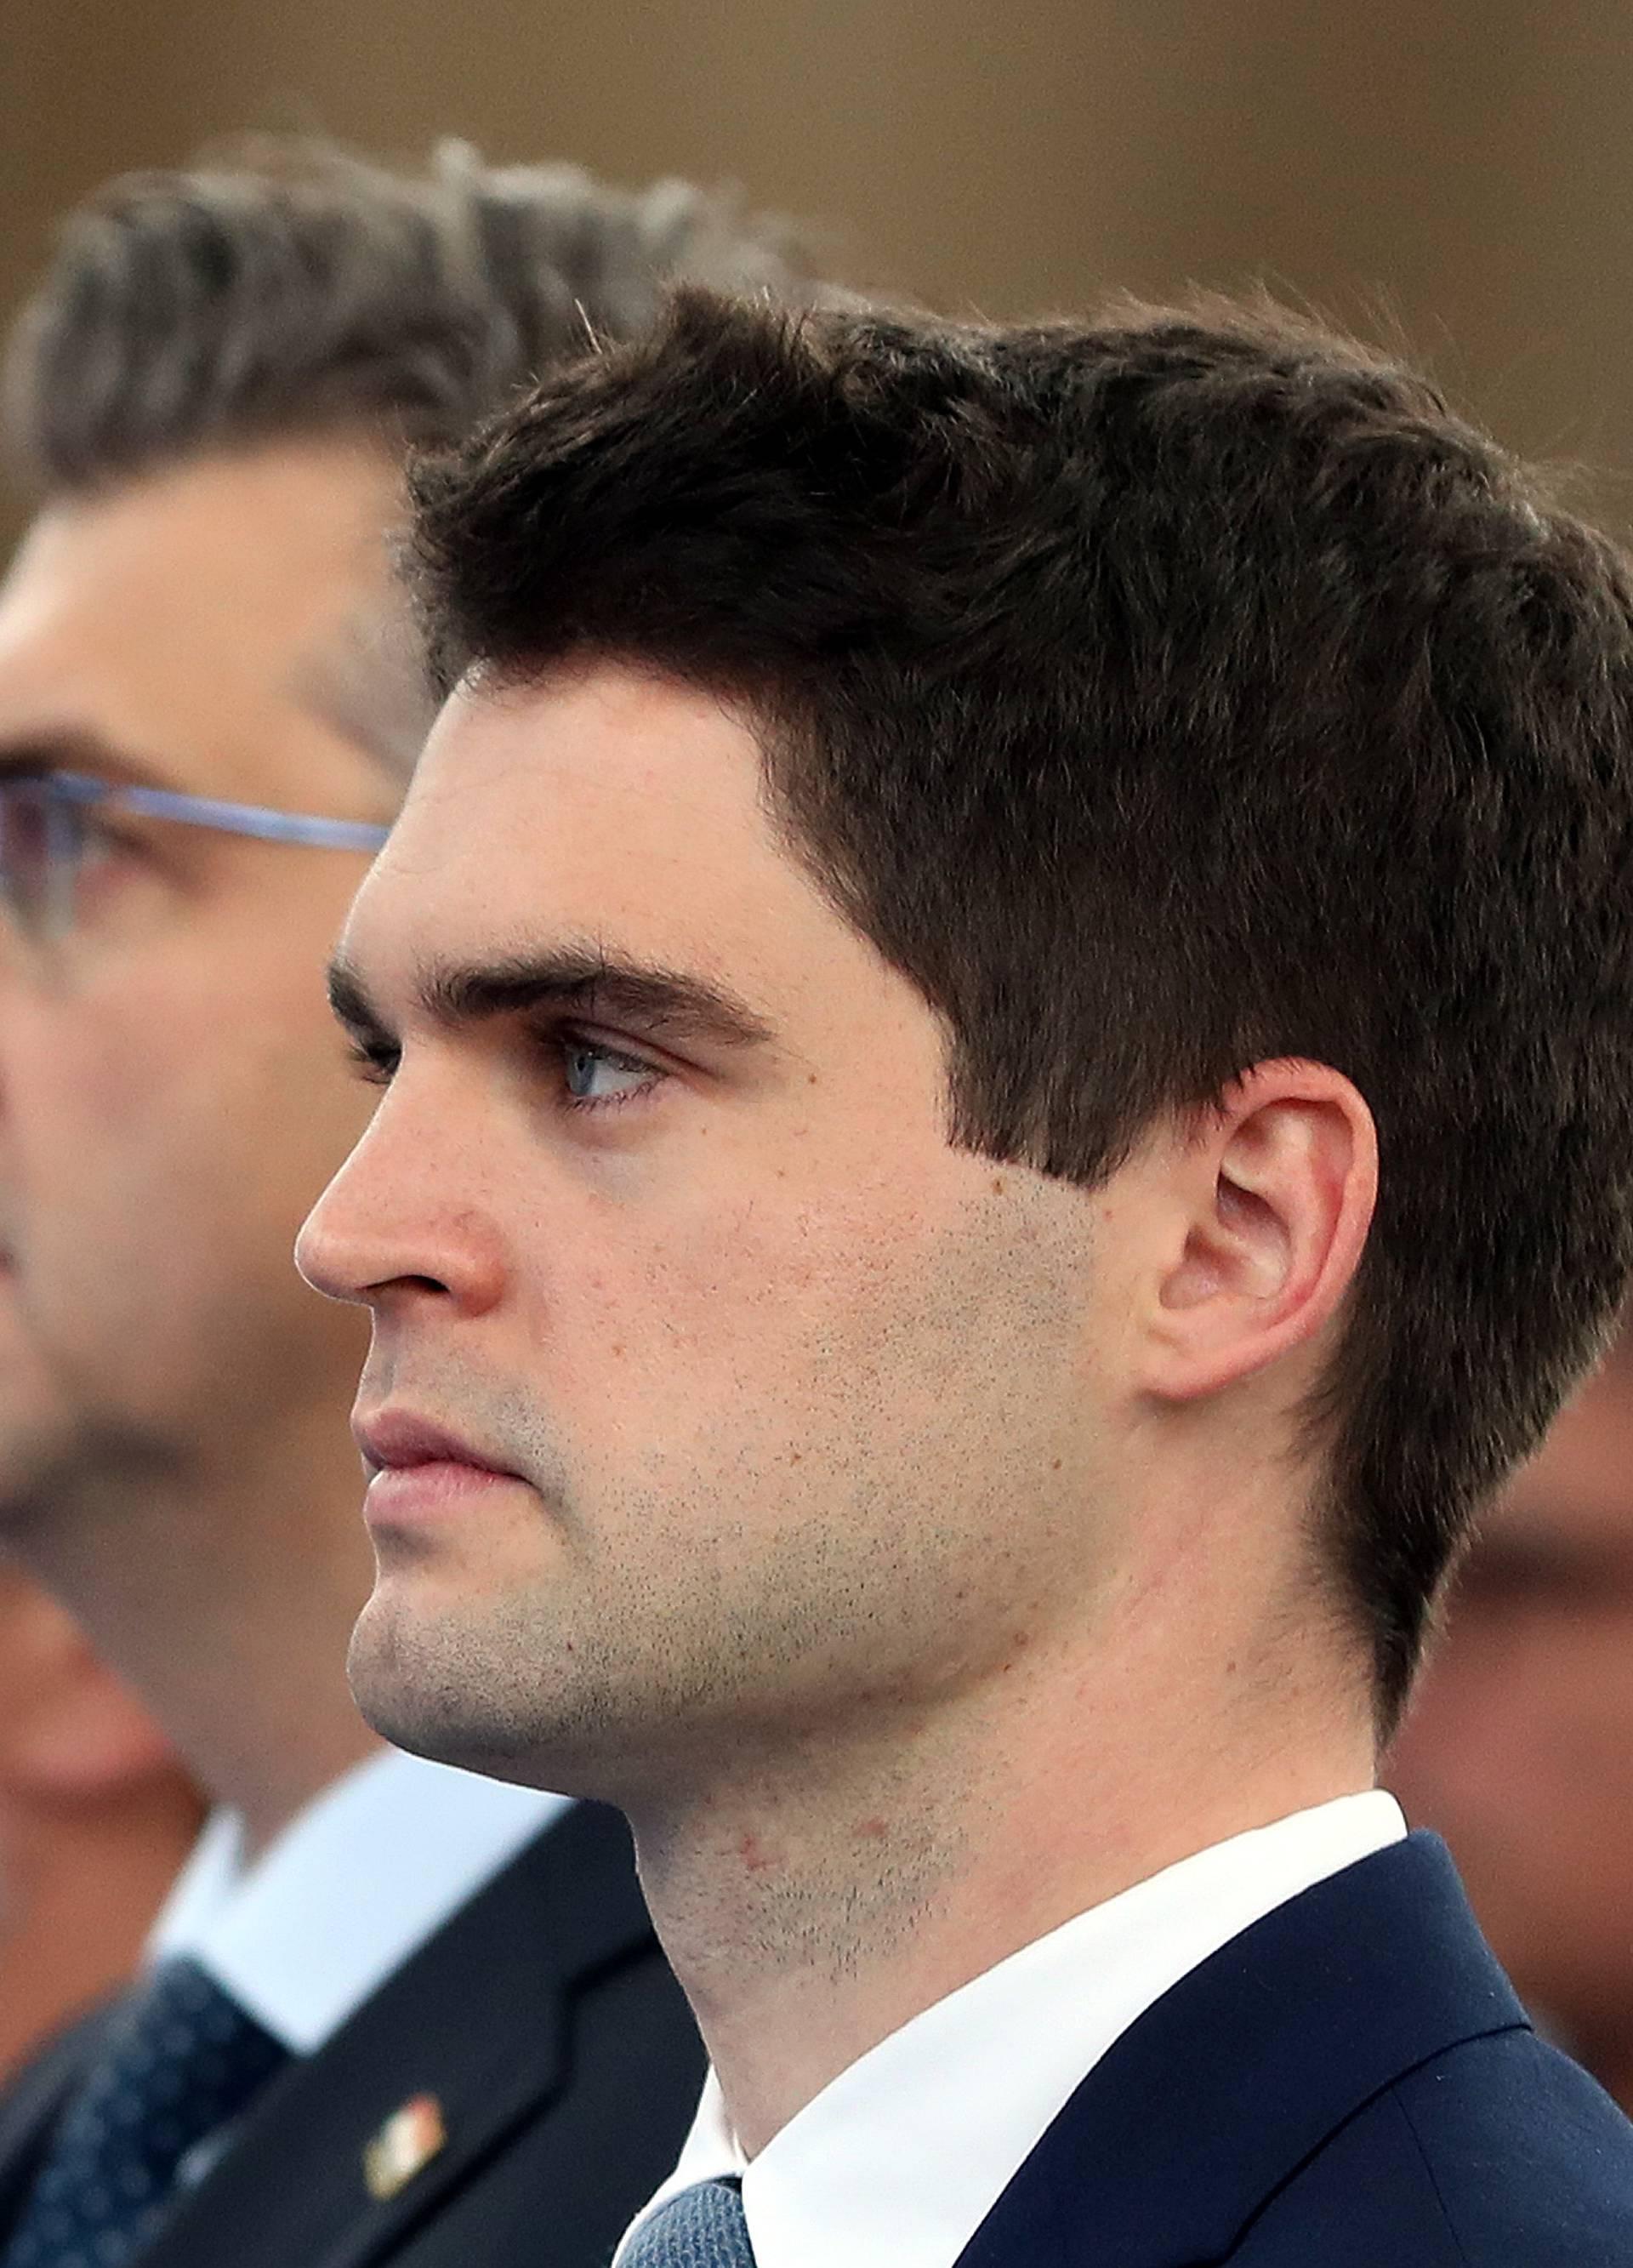 Karlo Ressler se ogradio od podrške mladih pučana Vučiću